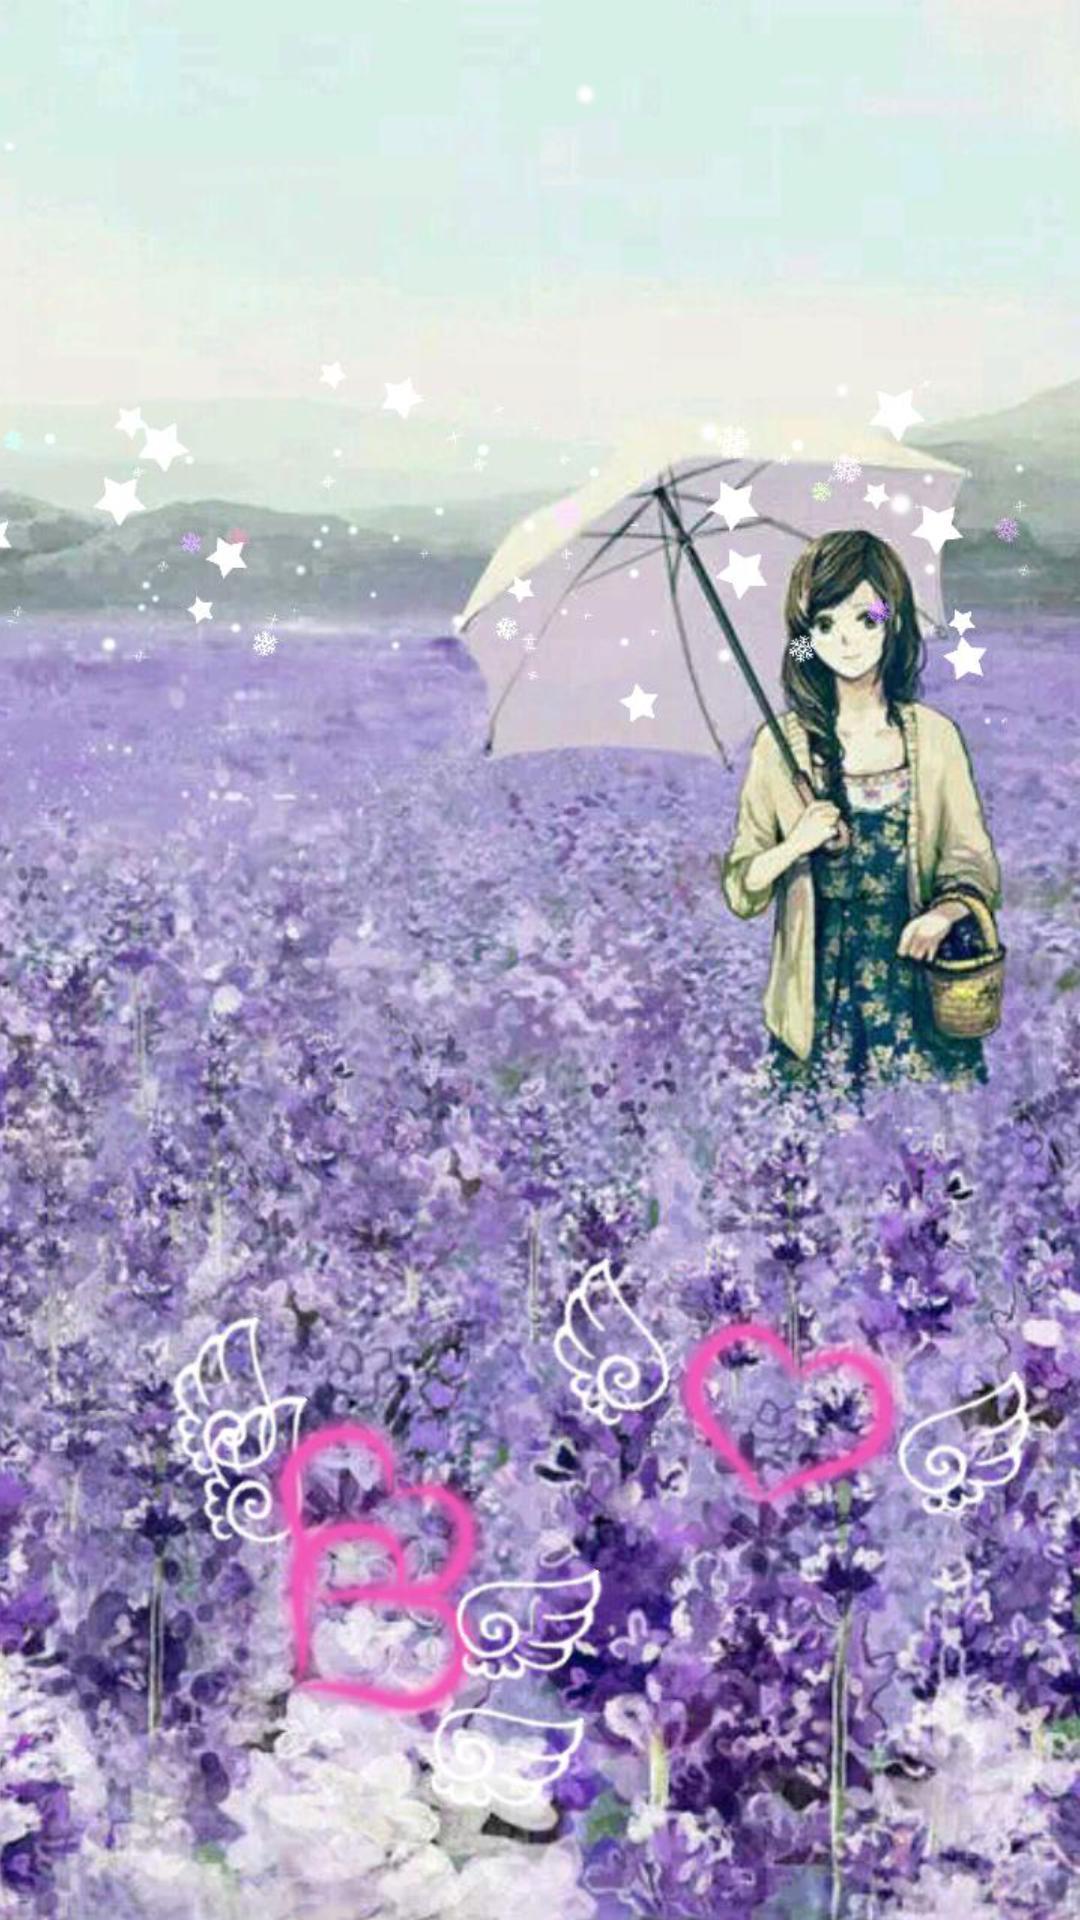 紫色妖姬主题动态壁纸官网免费下载_紫色妖姬